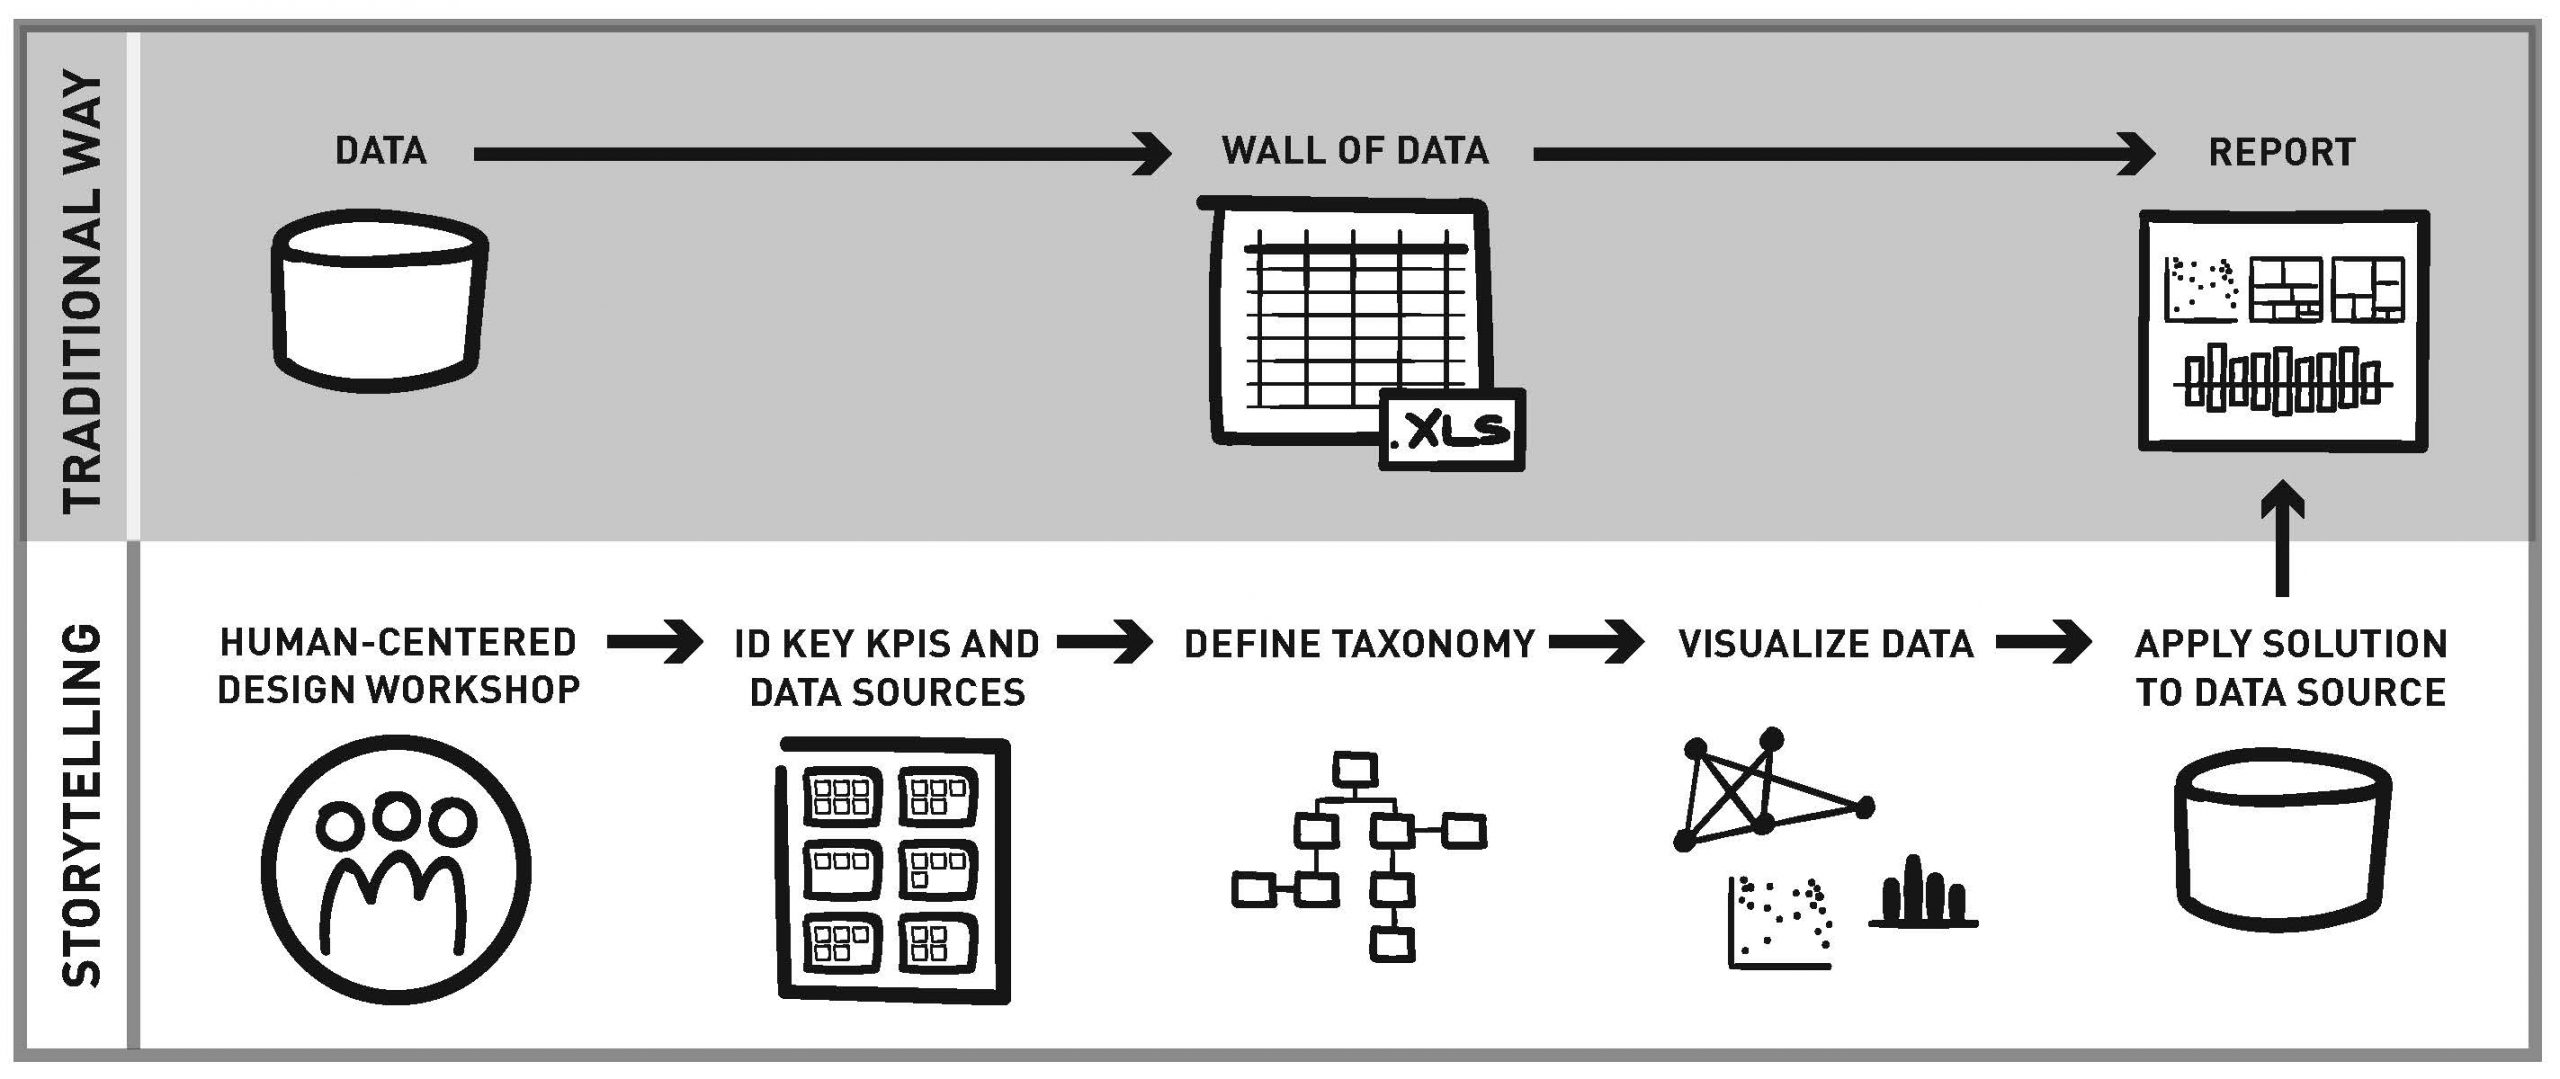 datastorytelling-newsletter-VECTOR.jpg